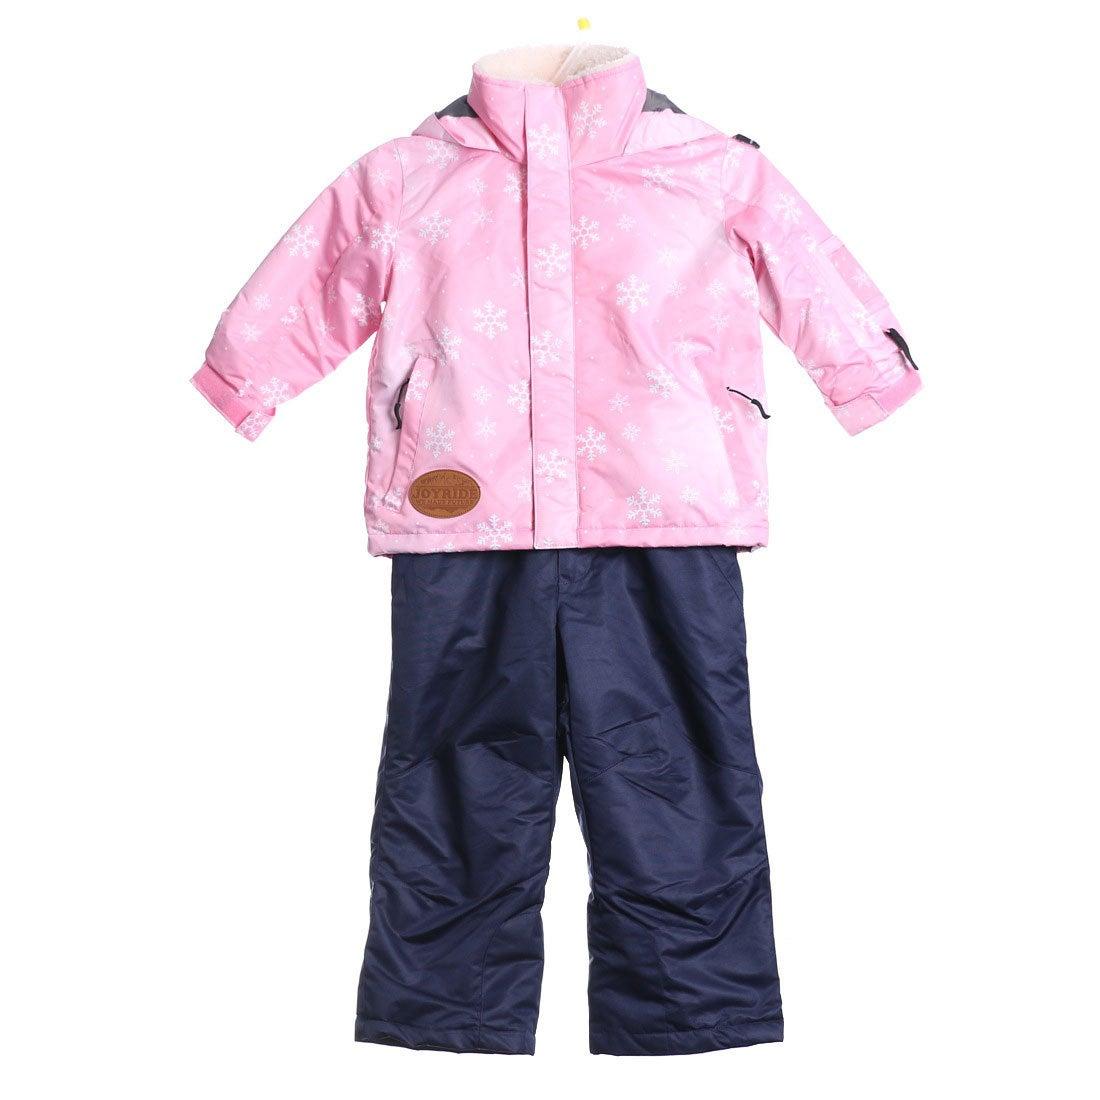 ロコンド 靴とファッションの通販サイトジョイライドJOYRIDEジュニアスキーウェア上下セットトドラースキーウェアJOT-5346